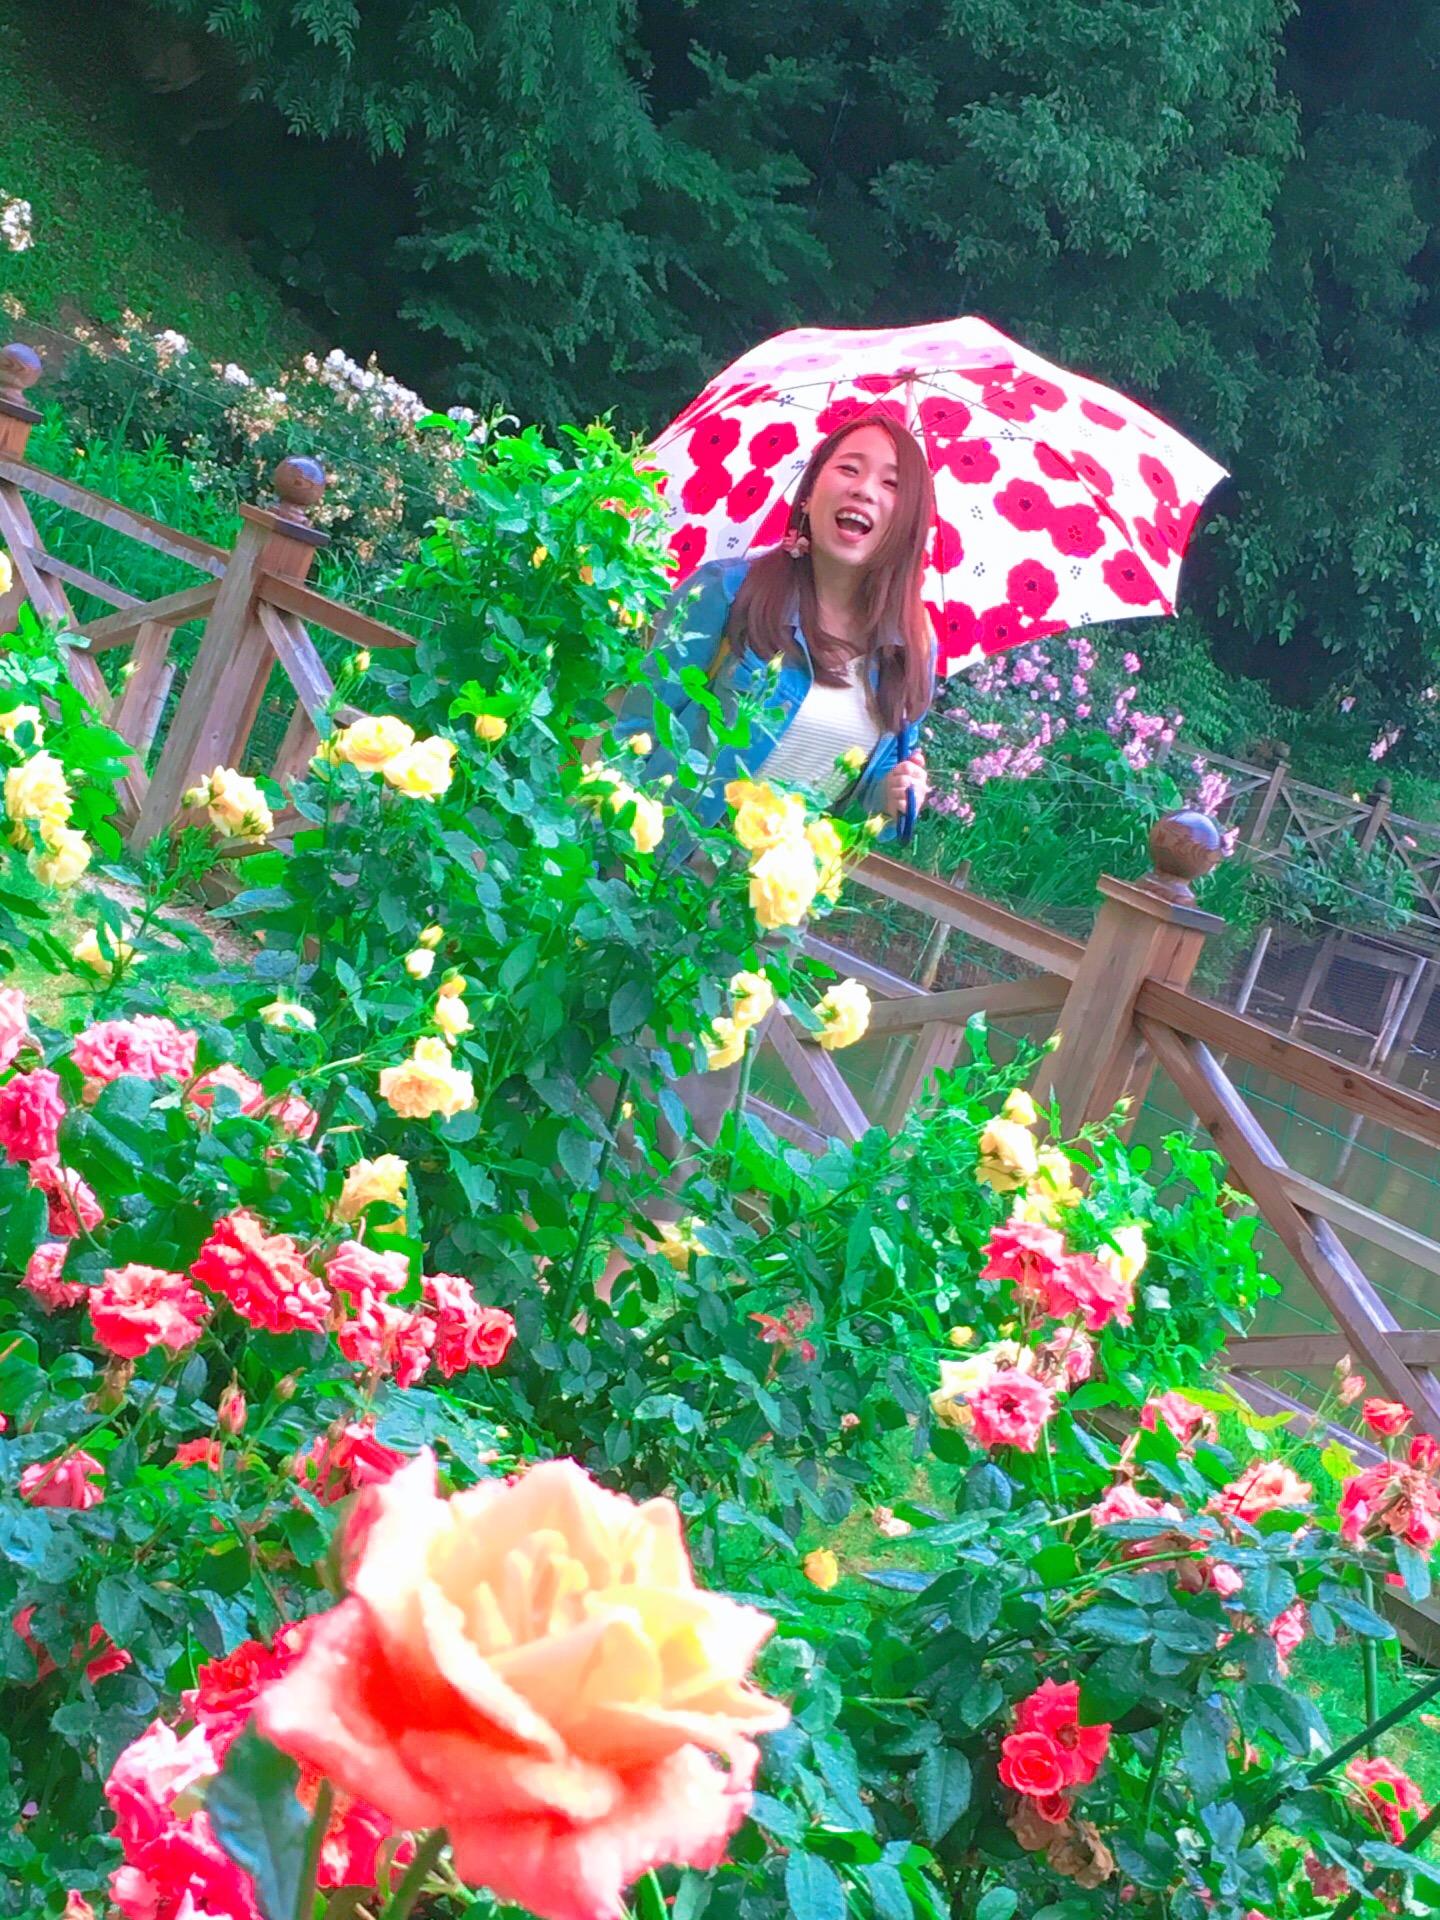 【福岡】イングリッシュガーデンに行ってきました【花】